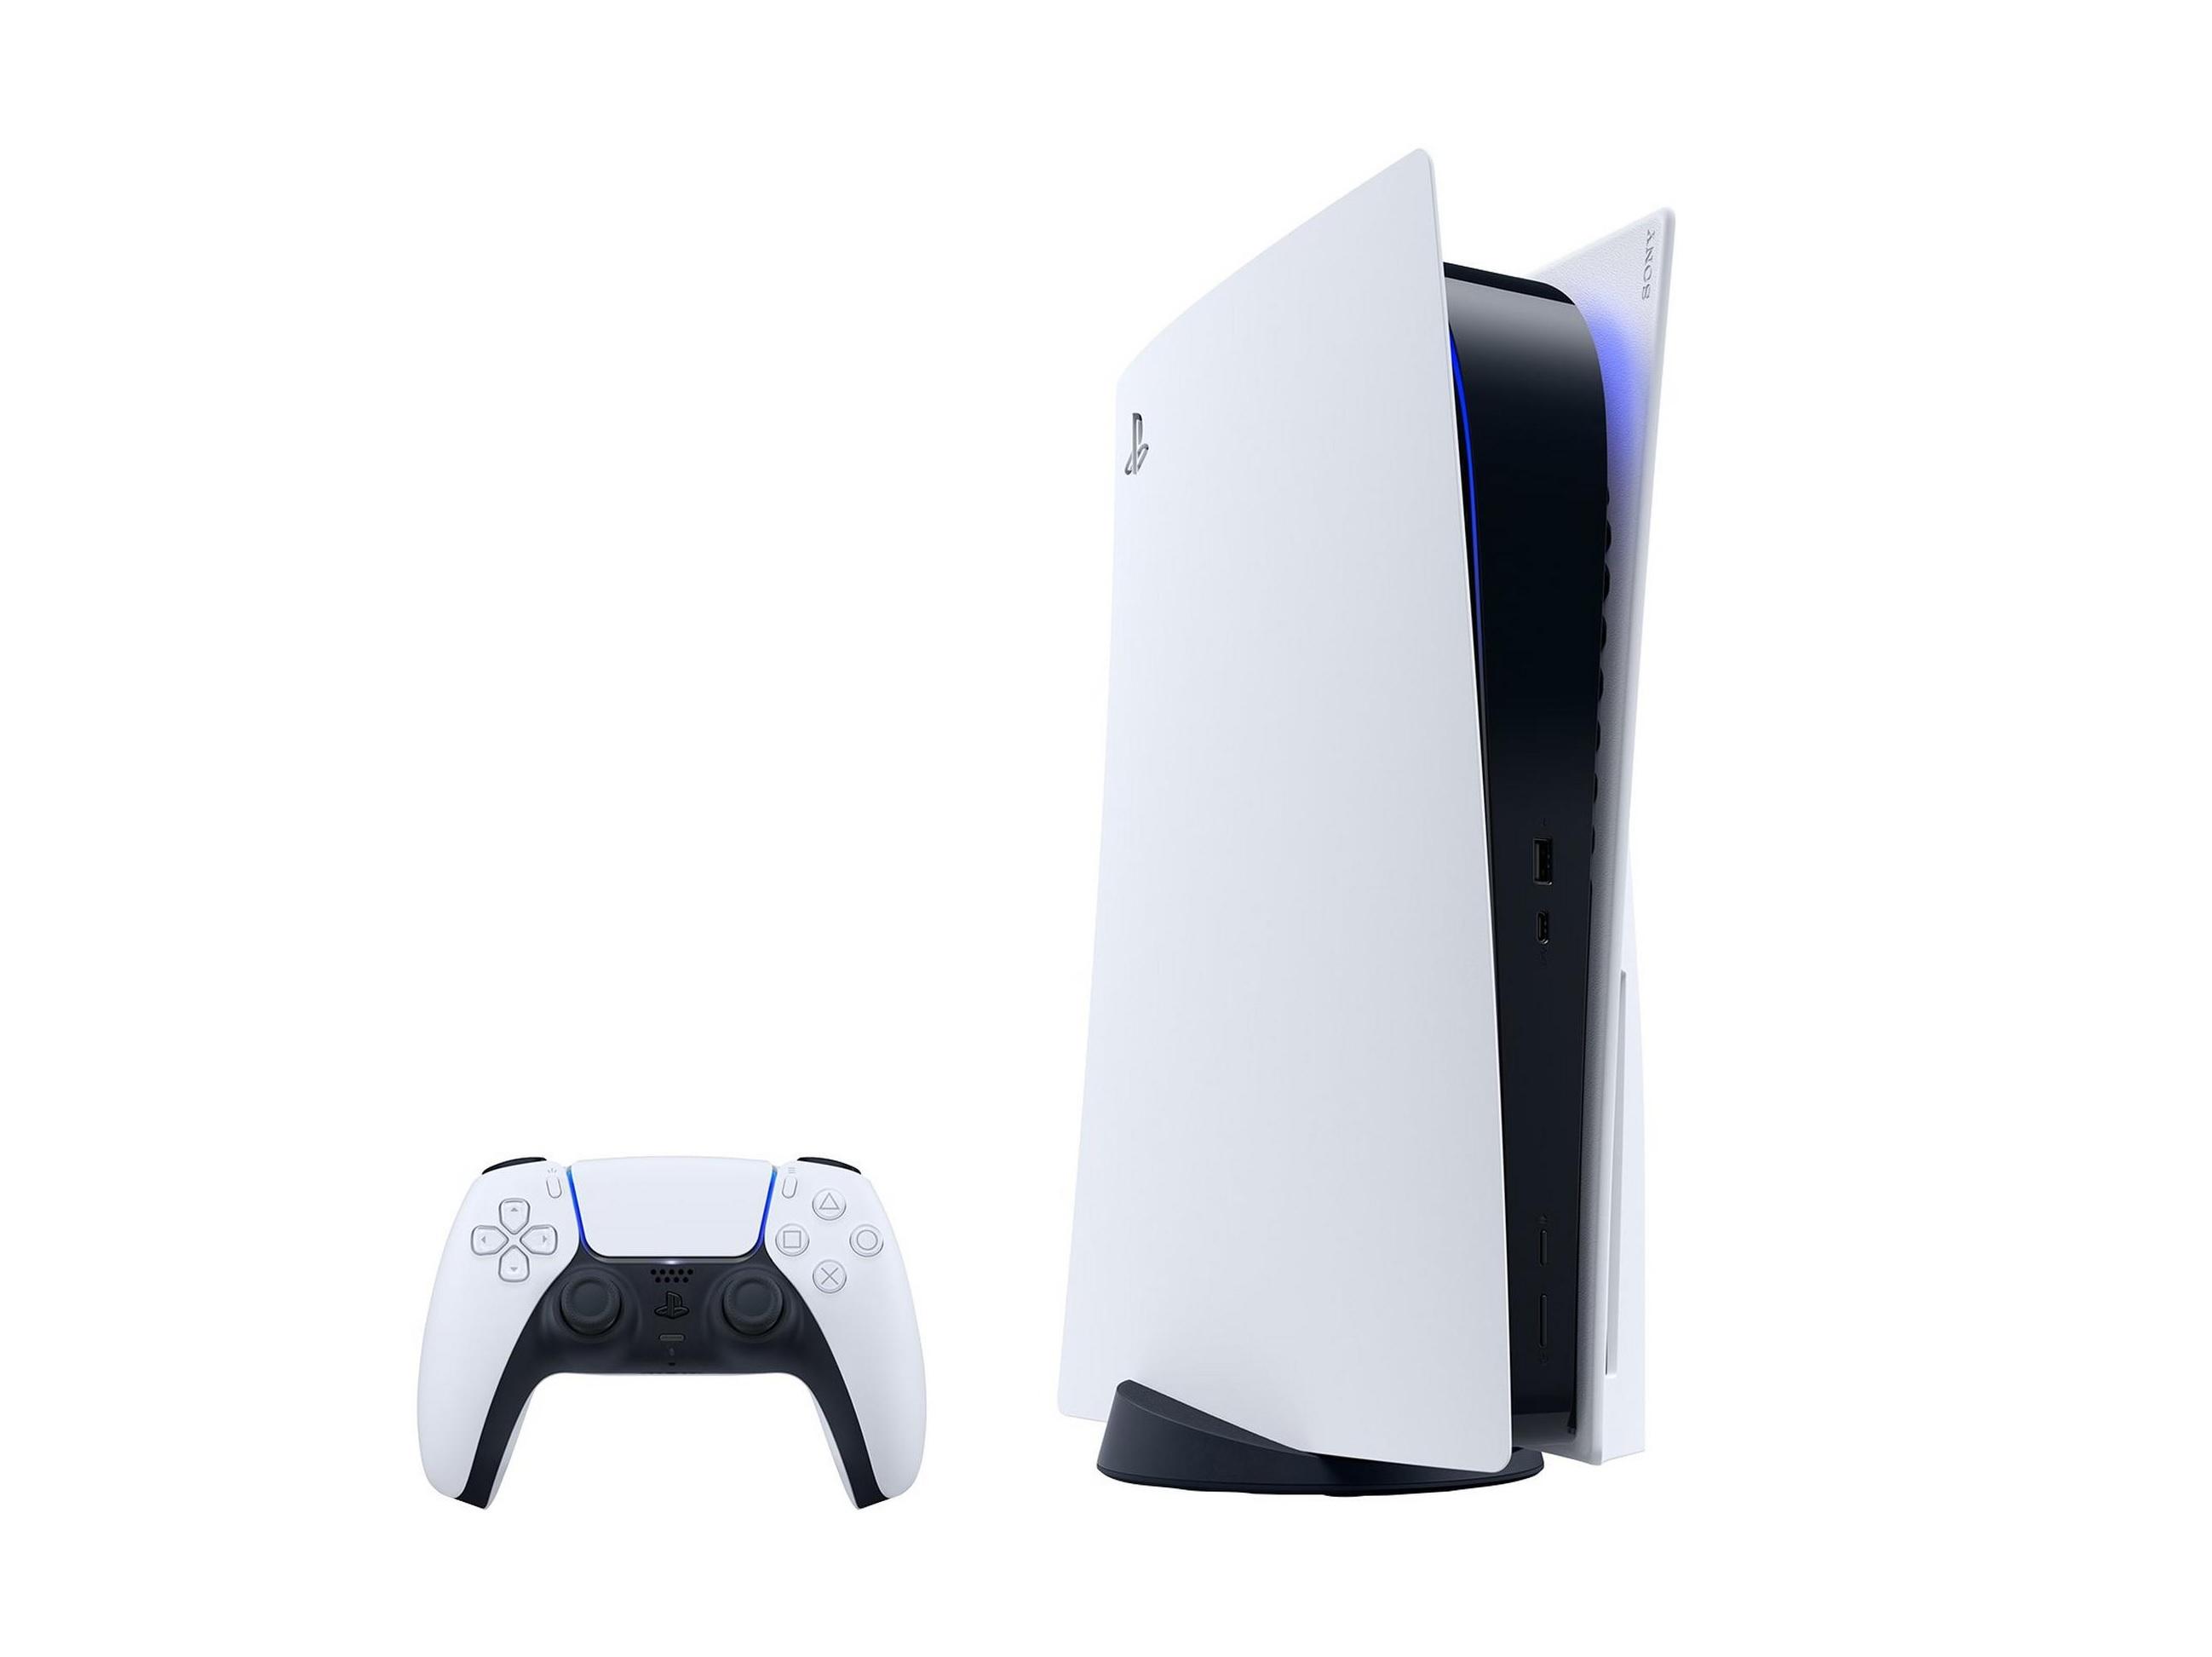 خبر نگران کننده ای در مورد کنسول نسل نهمی سونی:مشکلی در دانلود بازی های PS5 وجود دارد که کاربر را مجبور به برگرداندن کنسول به تنظیمات کارخانه میکند!